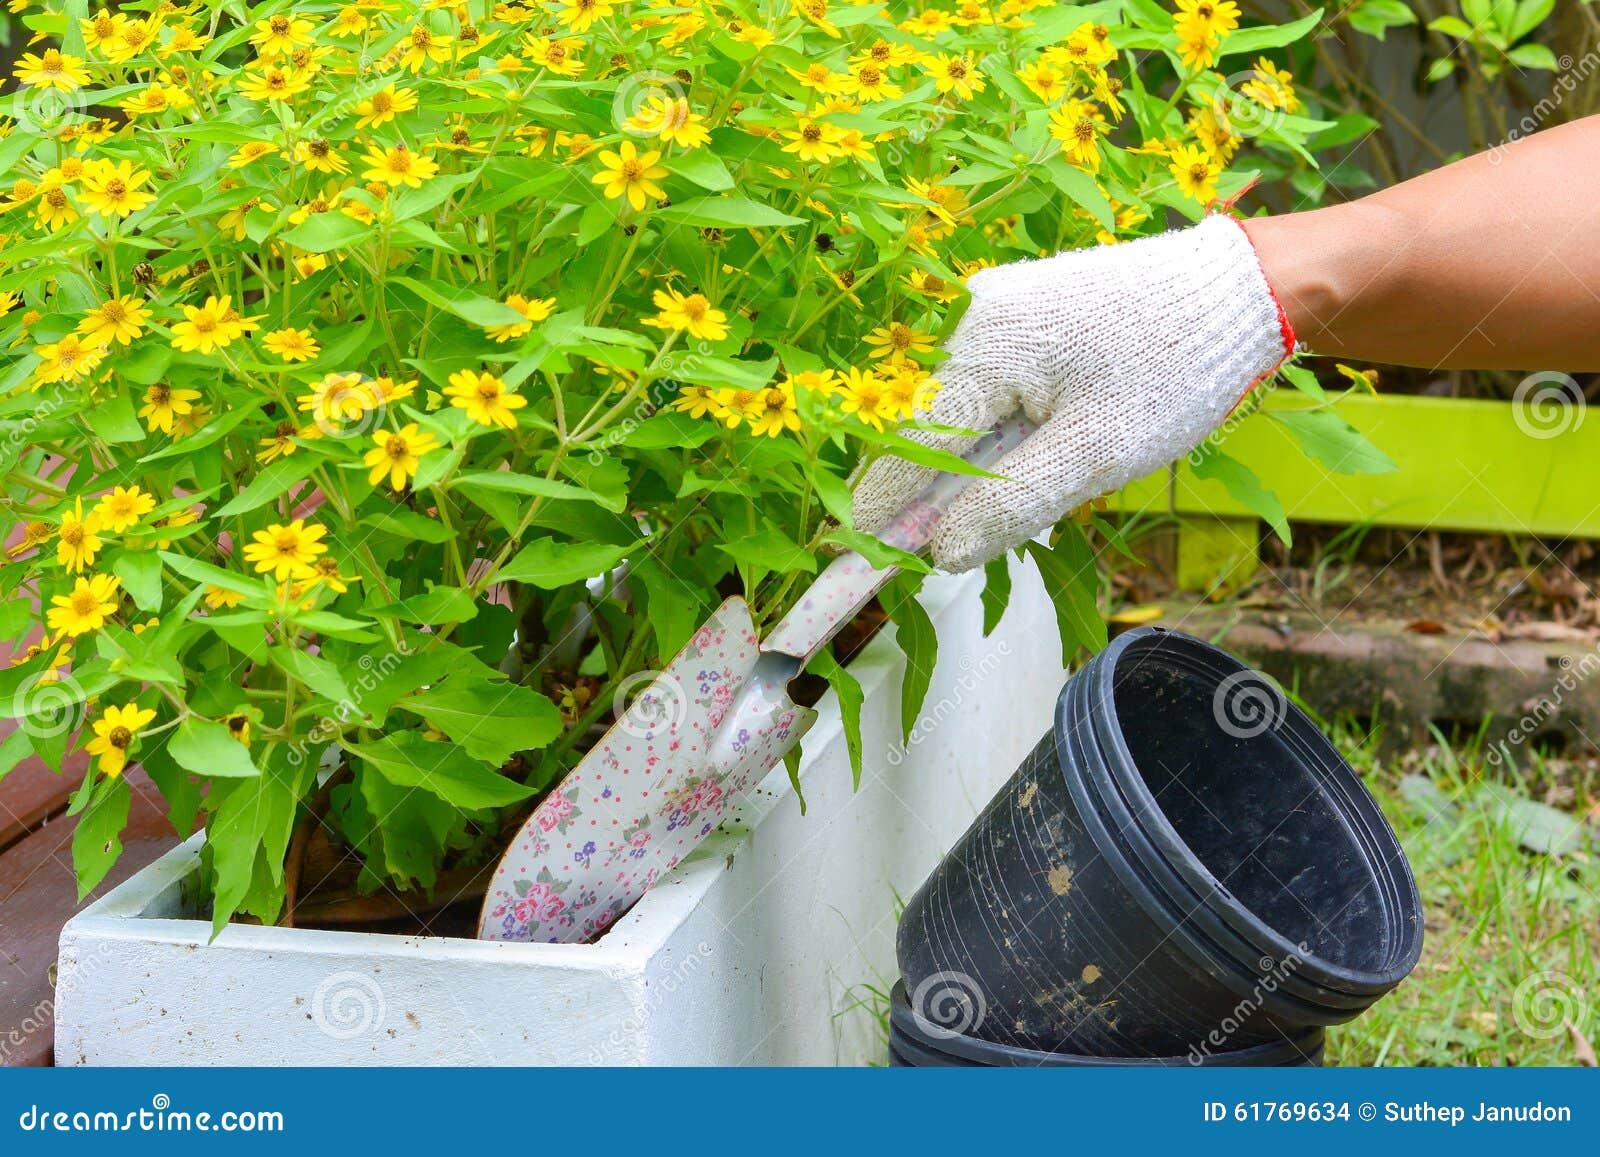 Plantation des fleurs dans un jardin photo stock image 61769634 for Plantation jardin